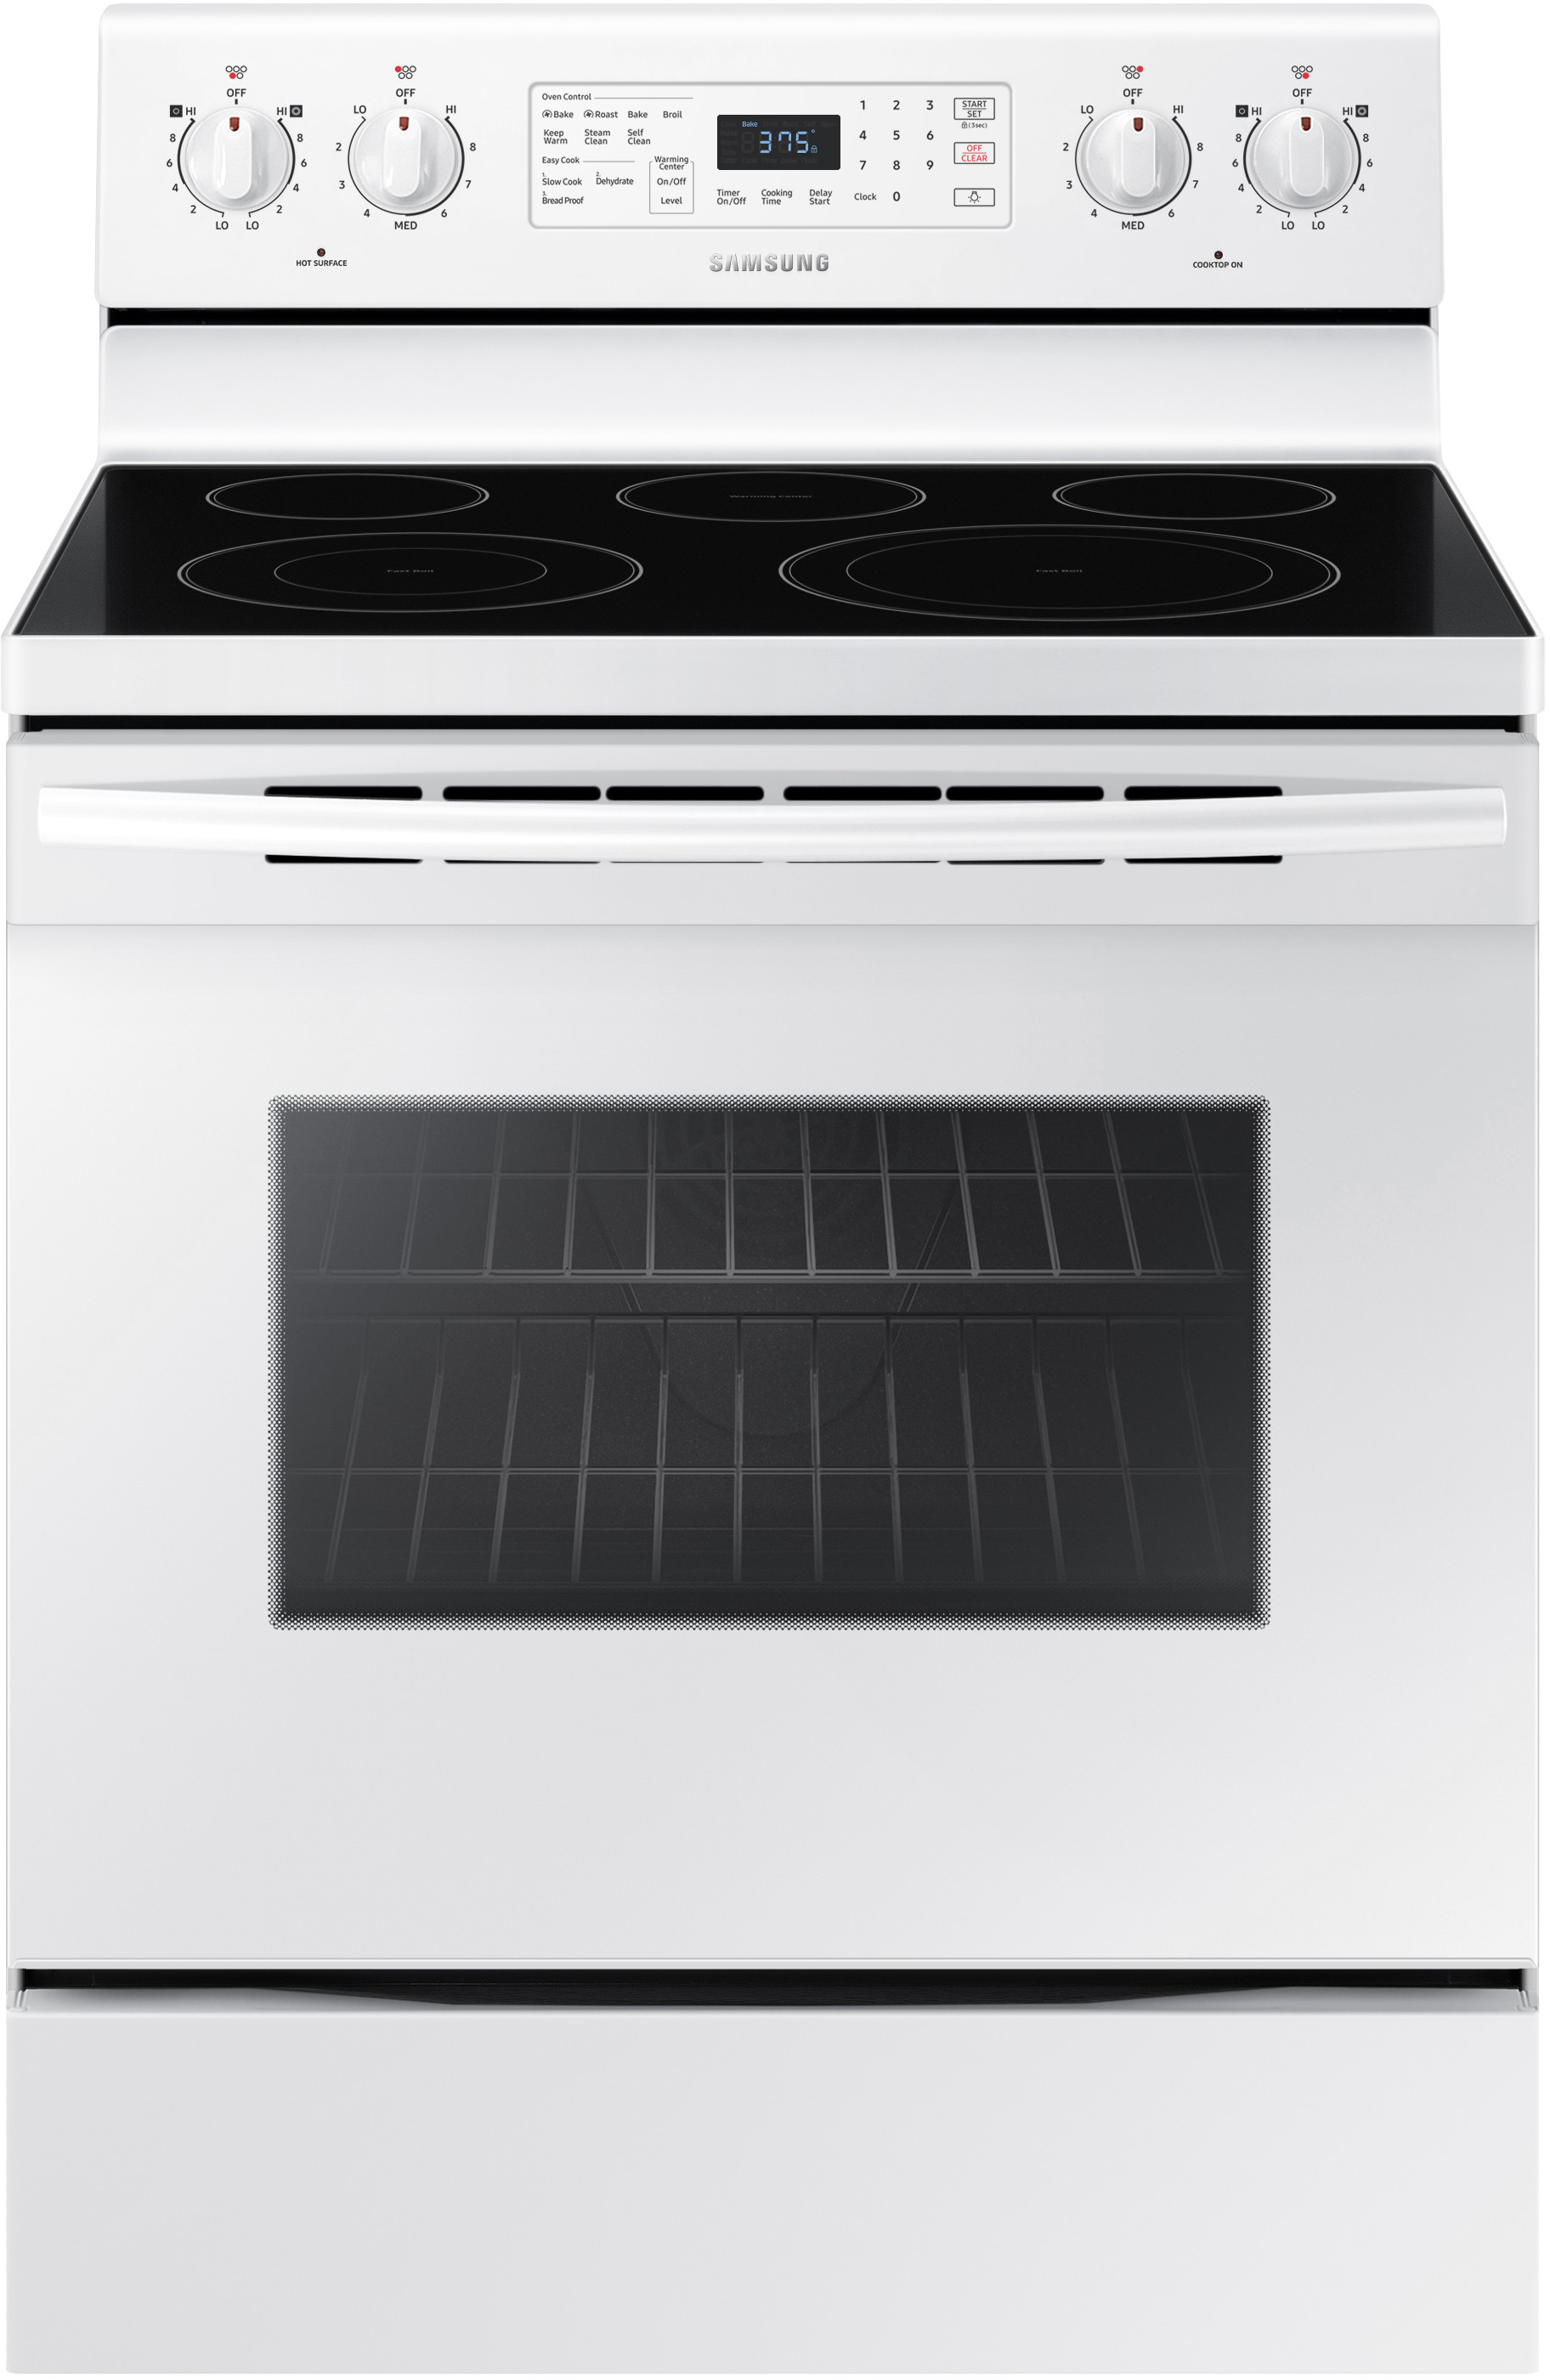 samsung ranges from aa kitchen appliance image source  ajmadison com luxury aa kitchen appliance   taste  rh   thetasteemaker com